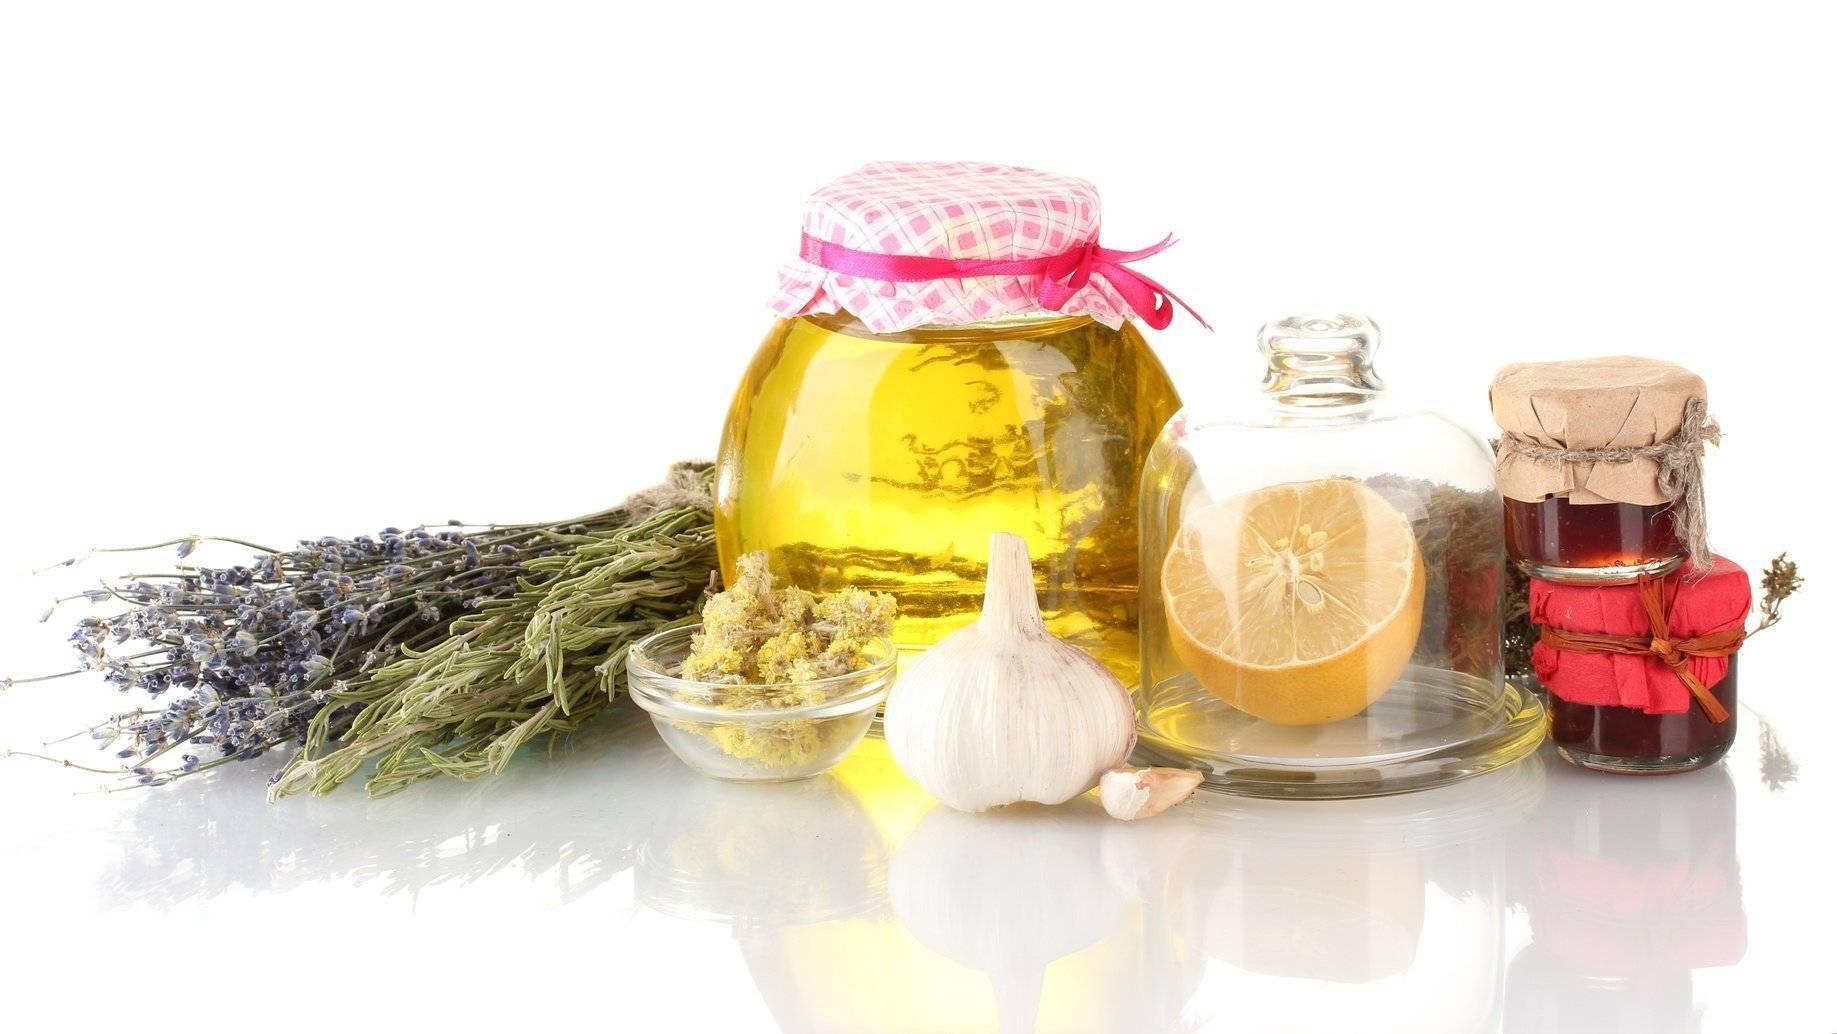 Мед с похмелья: помогает ли, рецепт приготовления